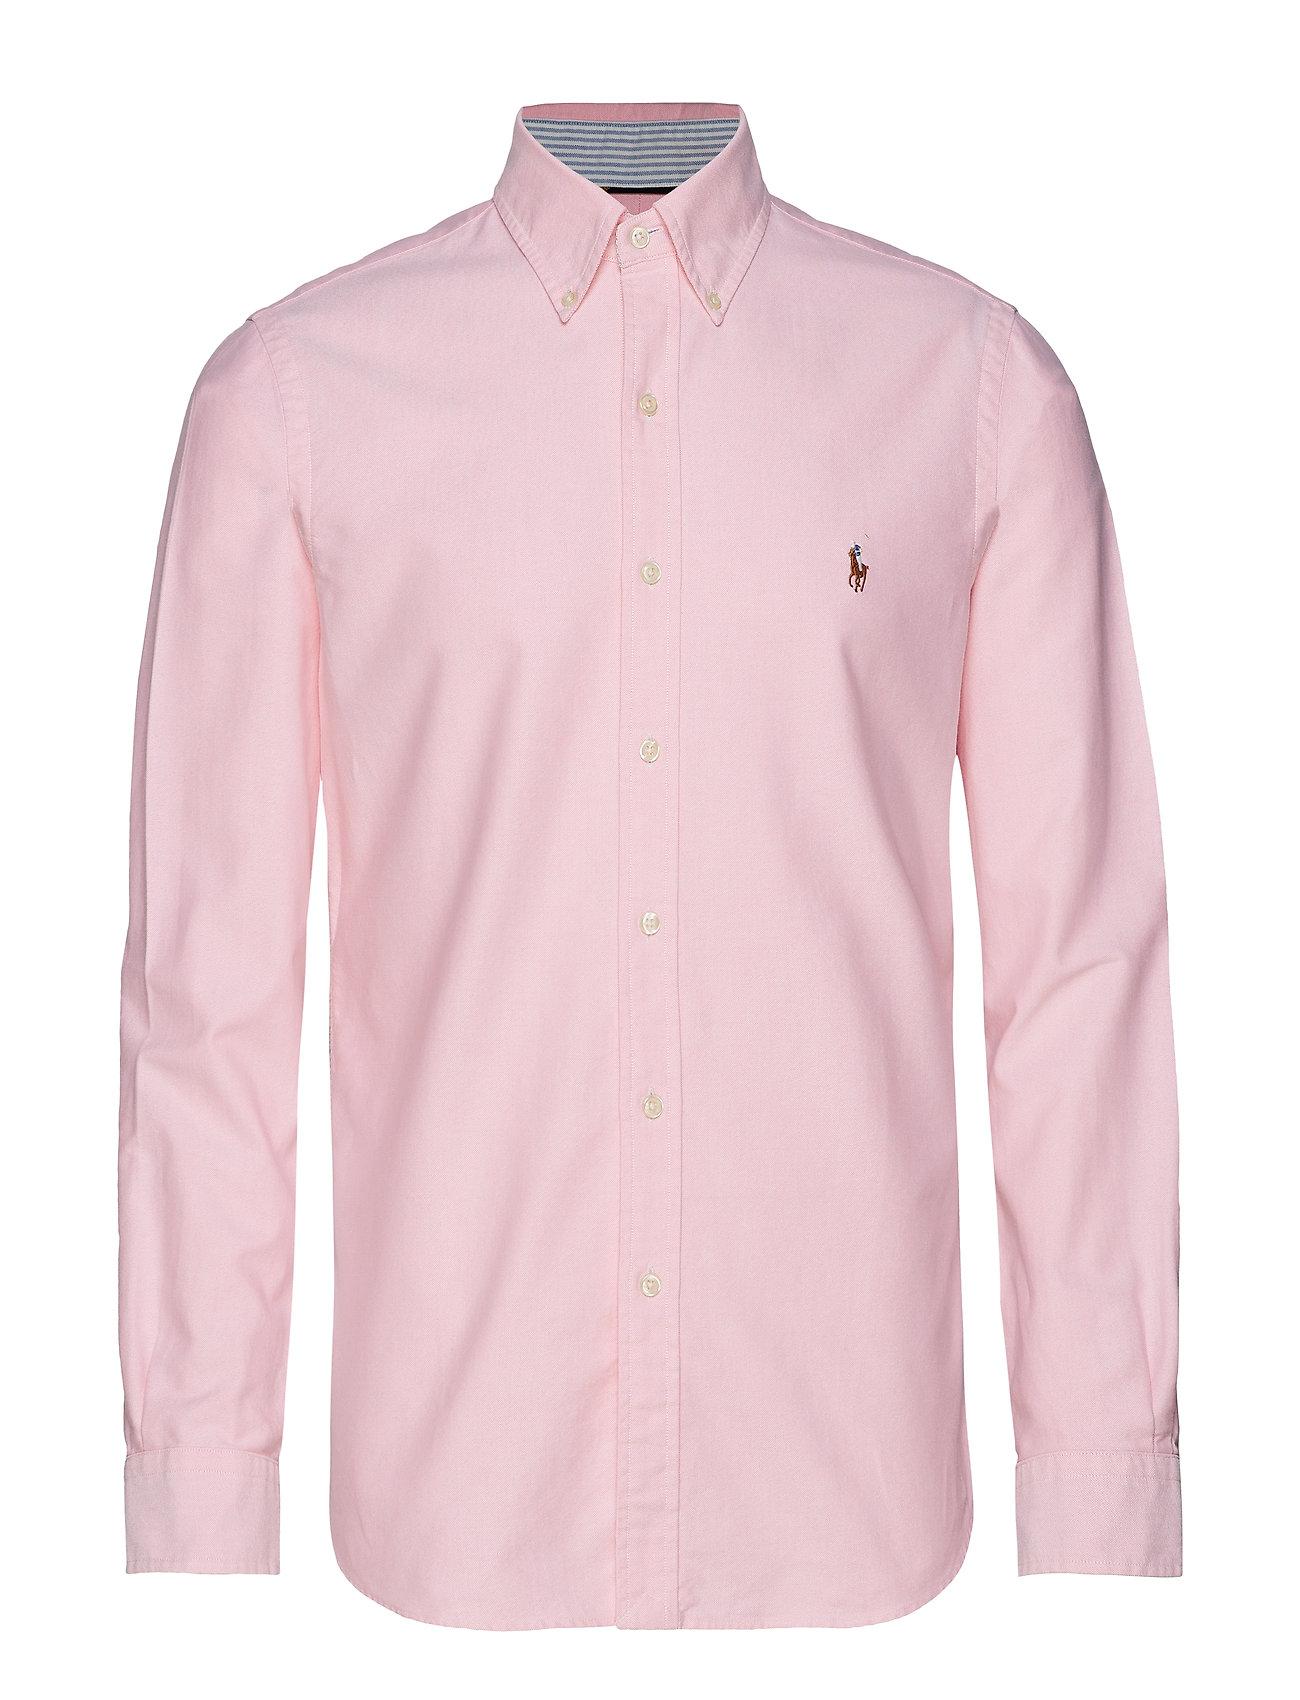 ralph lauren long sleeve sport shirt